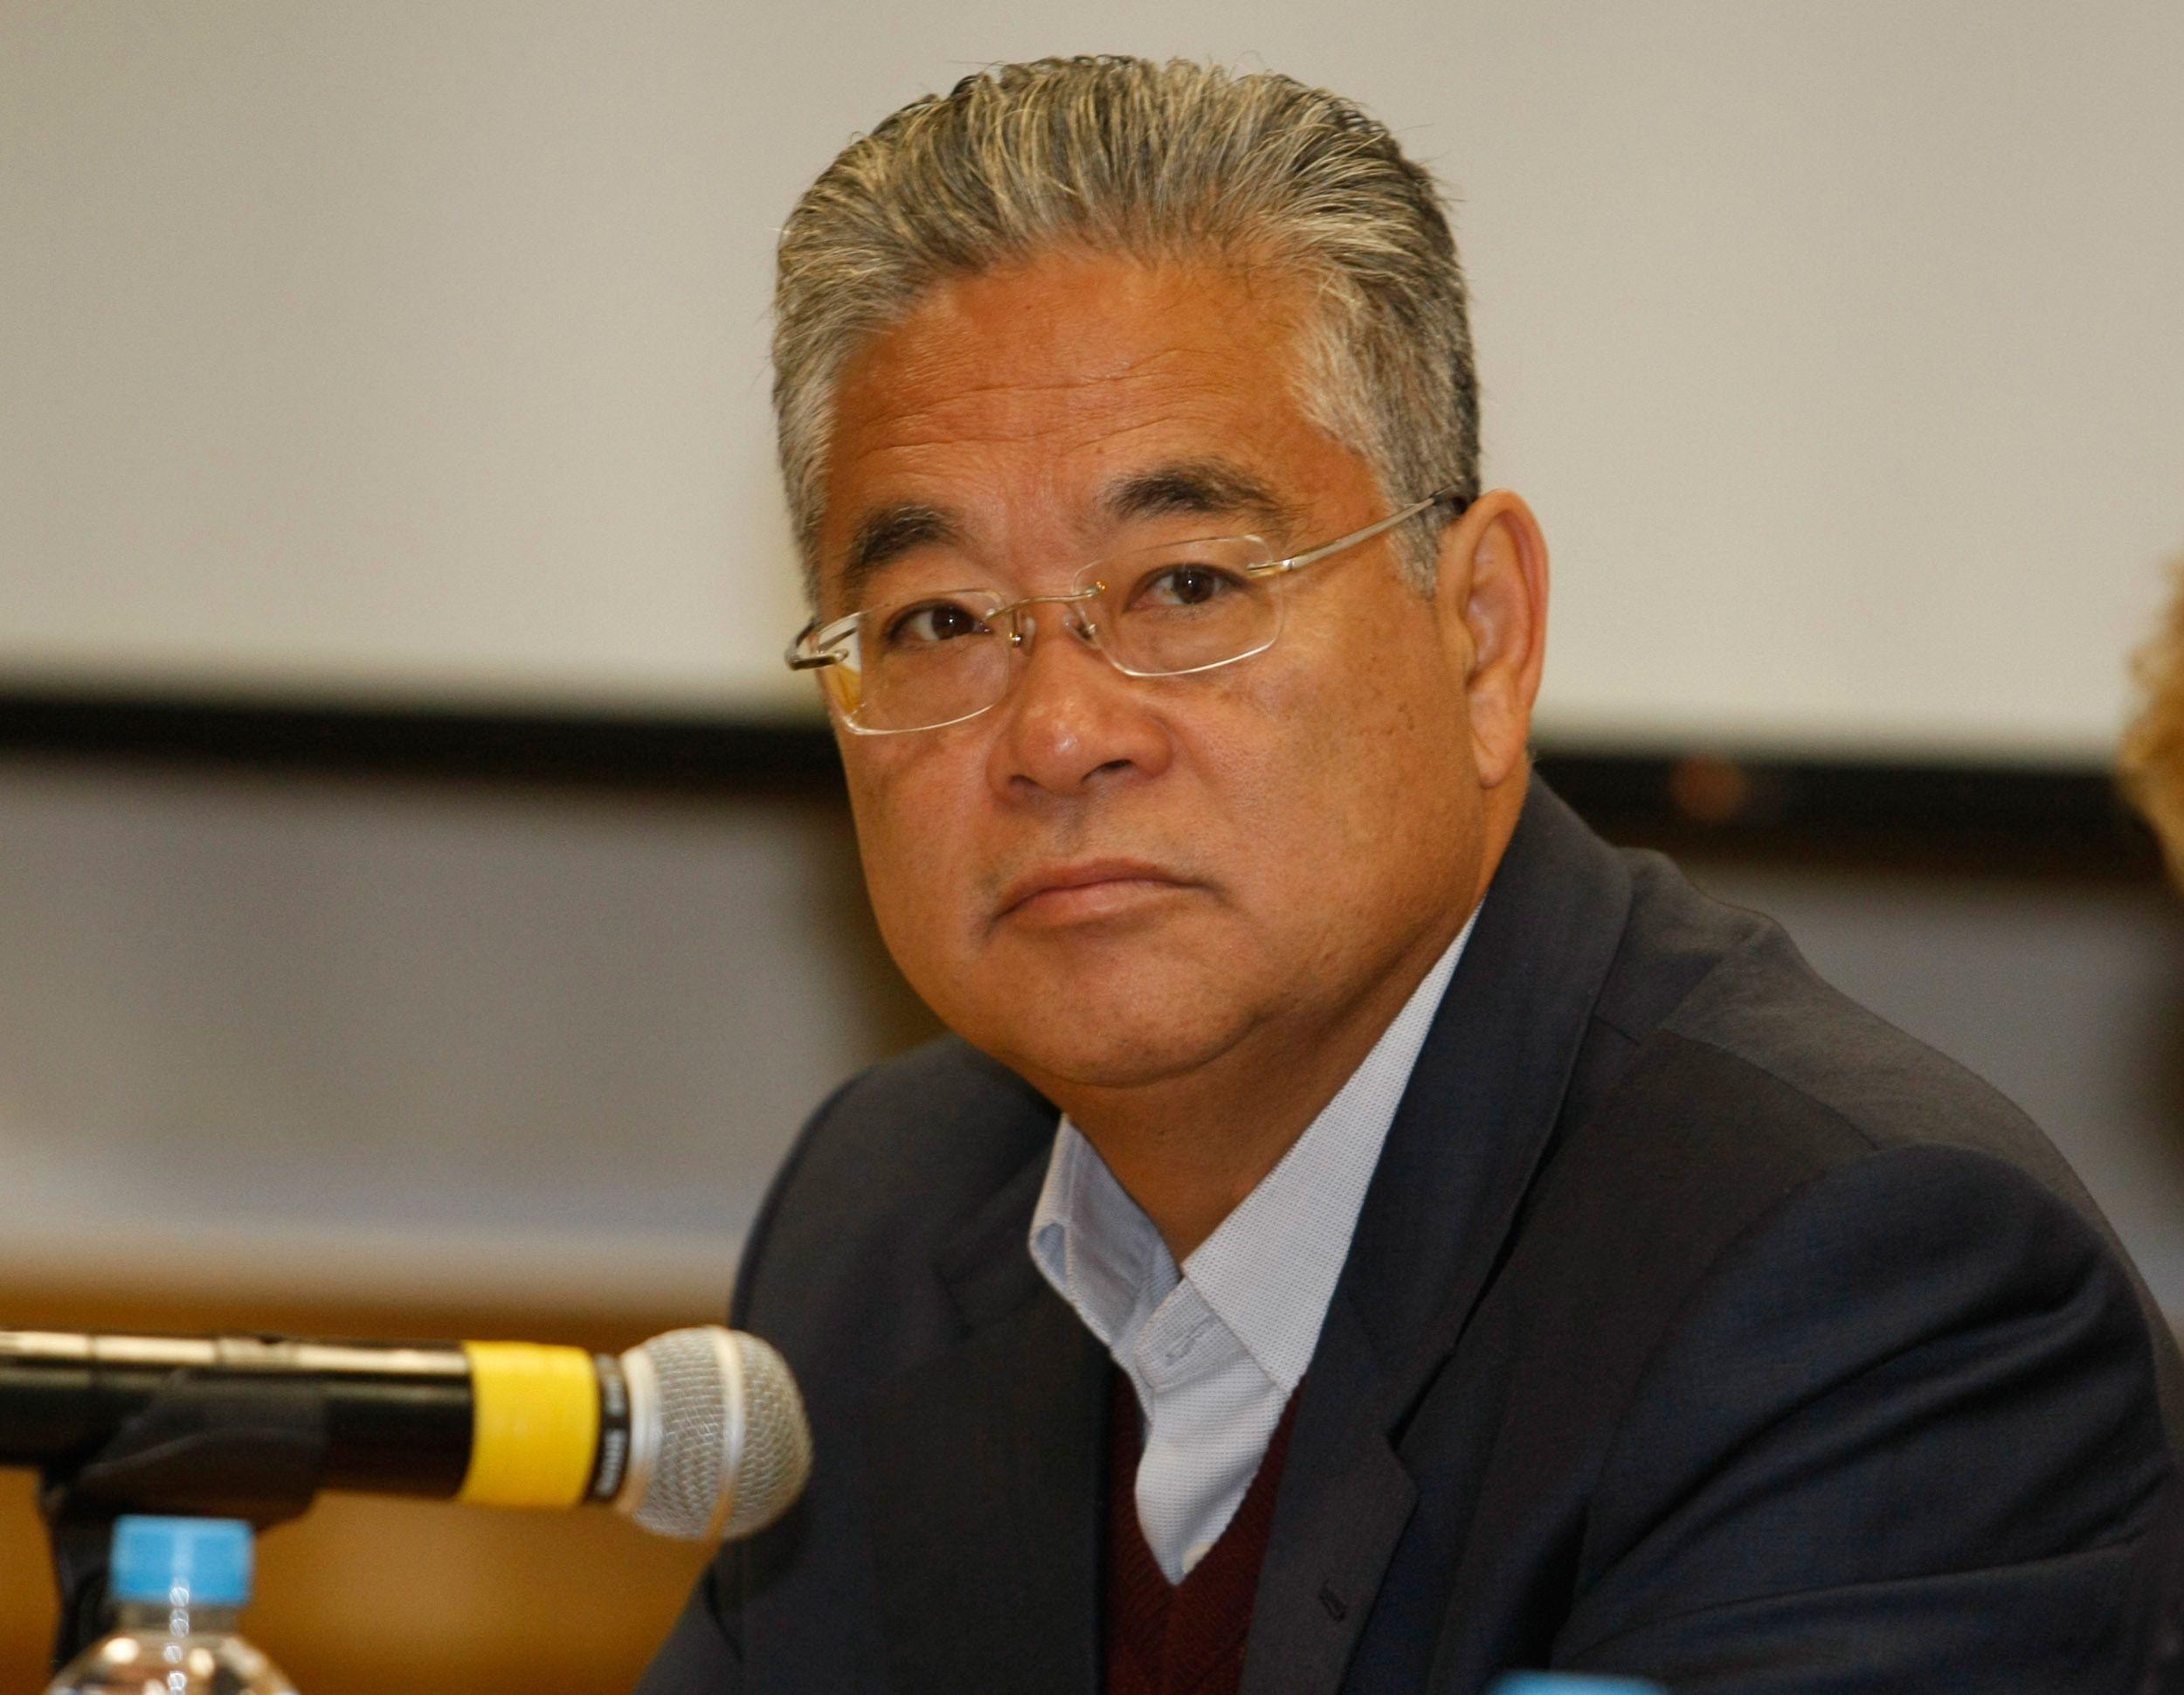 O presidente do Instituto Lula, Paulo Okamotto / Nilton Fukuda/Estadão Conteúdo